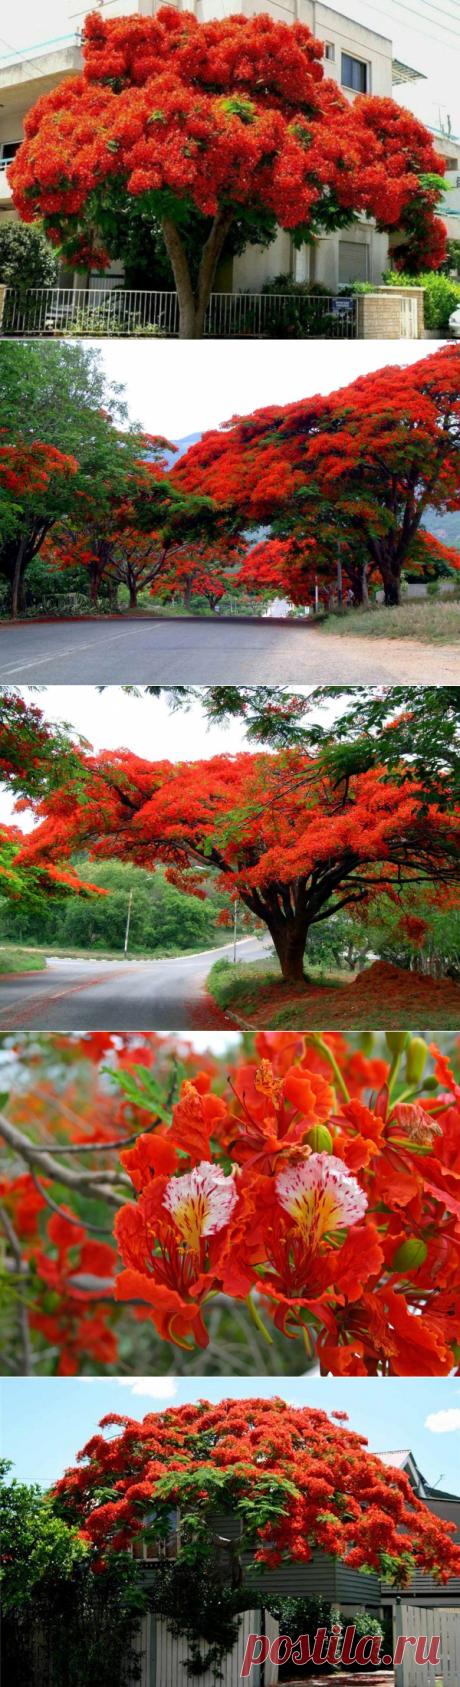 Делоникс королевский или Огненное дерево - дерево родом с Мадагаскара семейства Бобовые, подсемейство Цезальпиниевые. Как это дерево только ни называют: дерево-пожар, пламенное дерево, хвост Феникса, огненное дерево, дерево-пламя. И действительно, дерево выглядит именно так, благодаря ярко-красным цветам